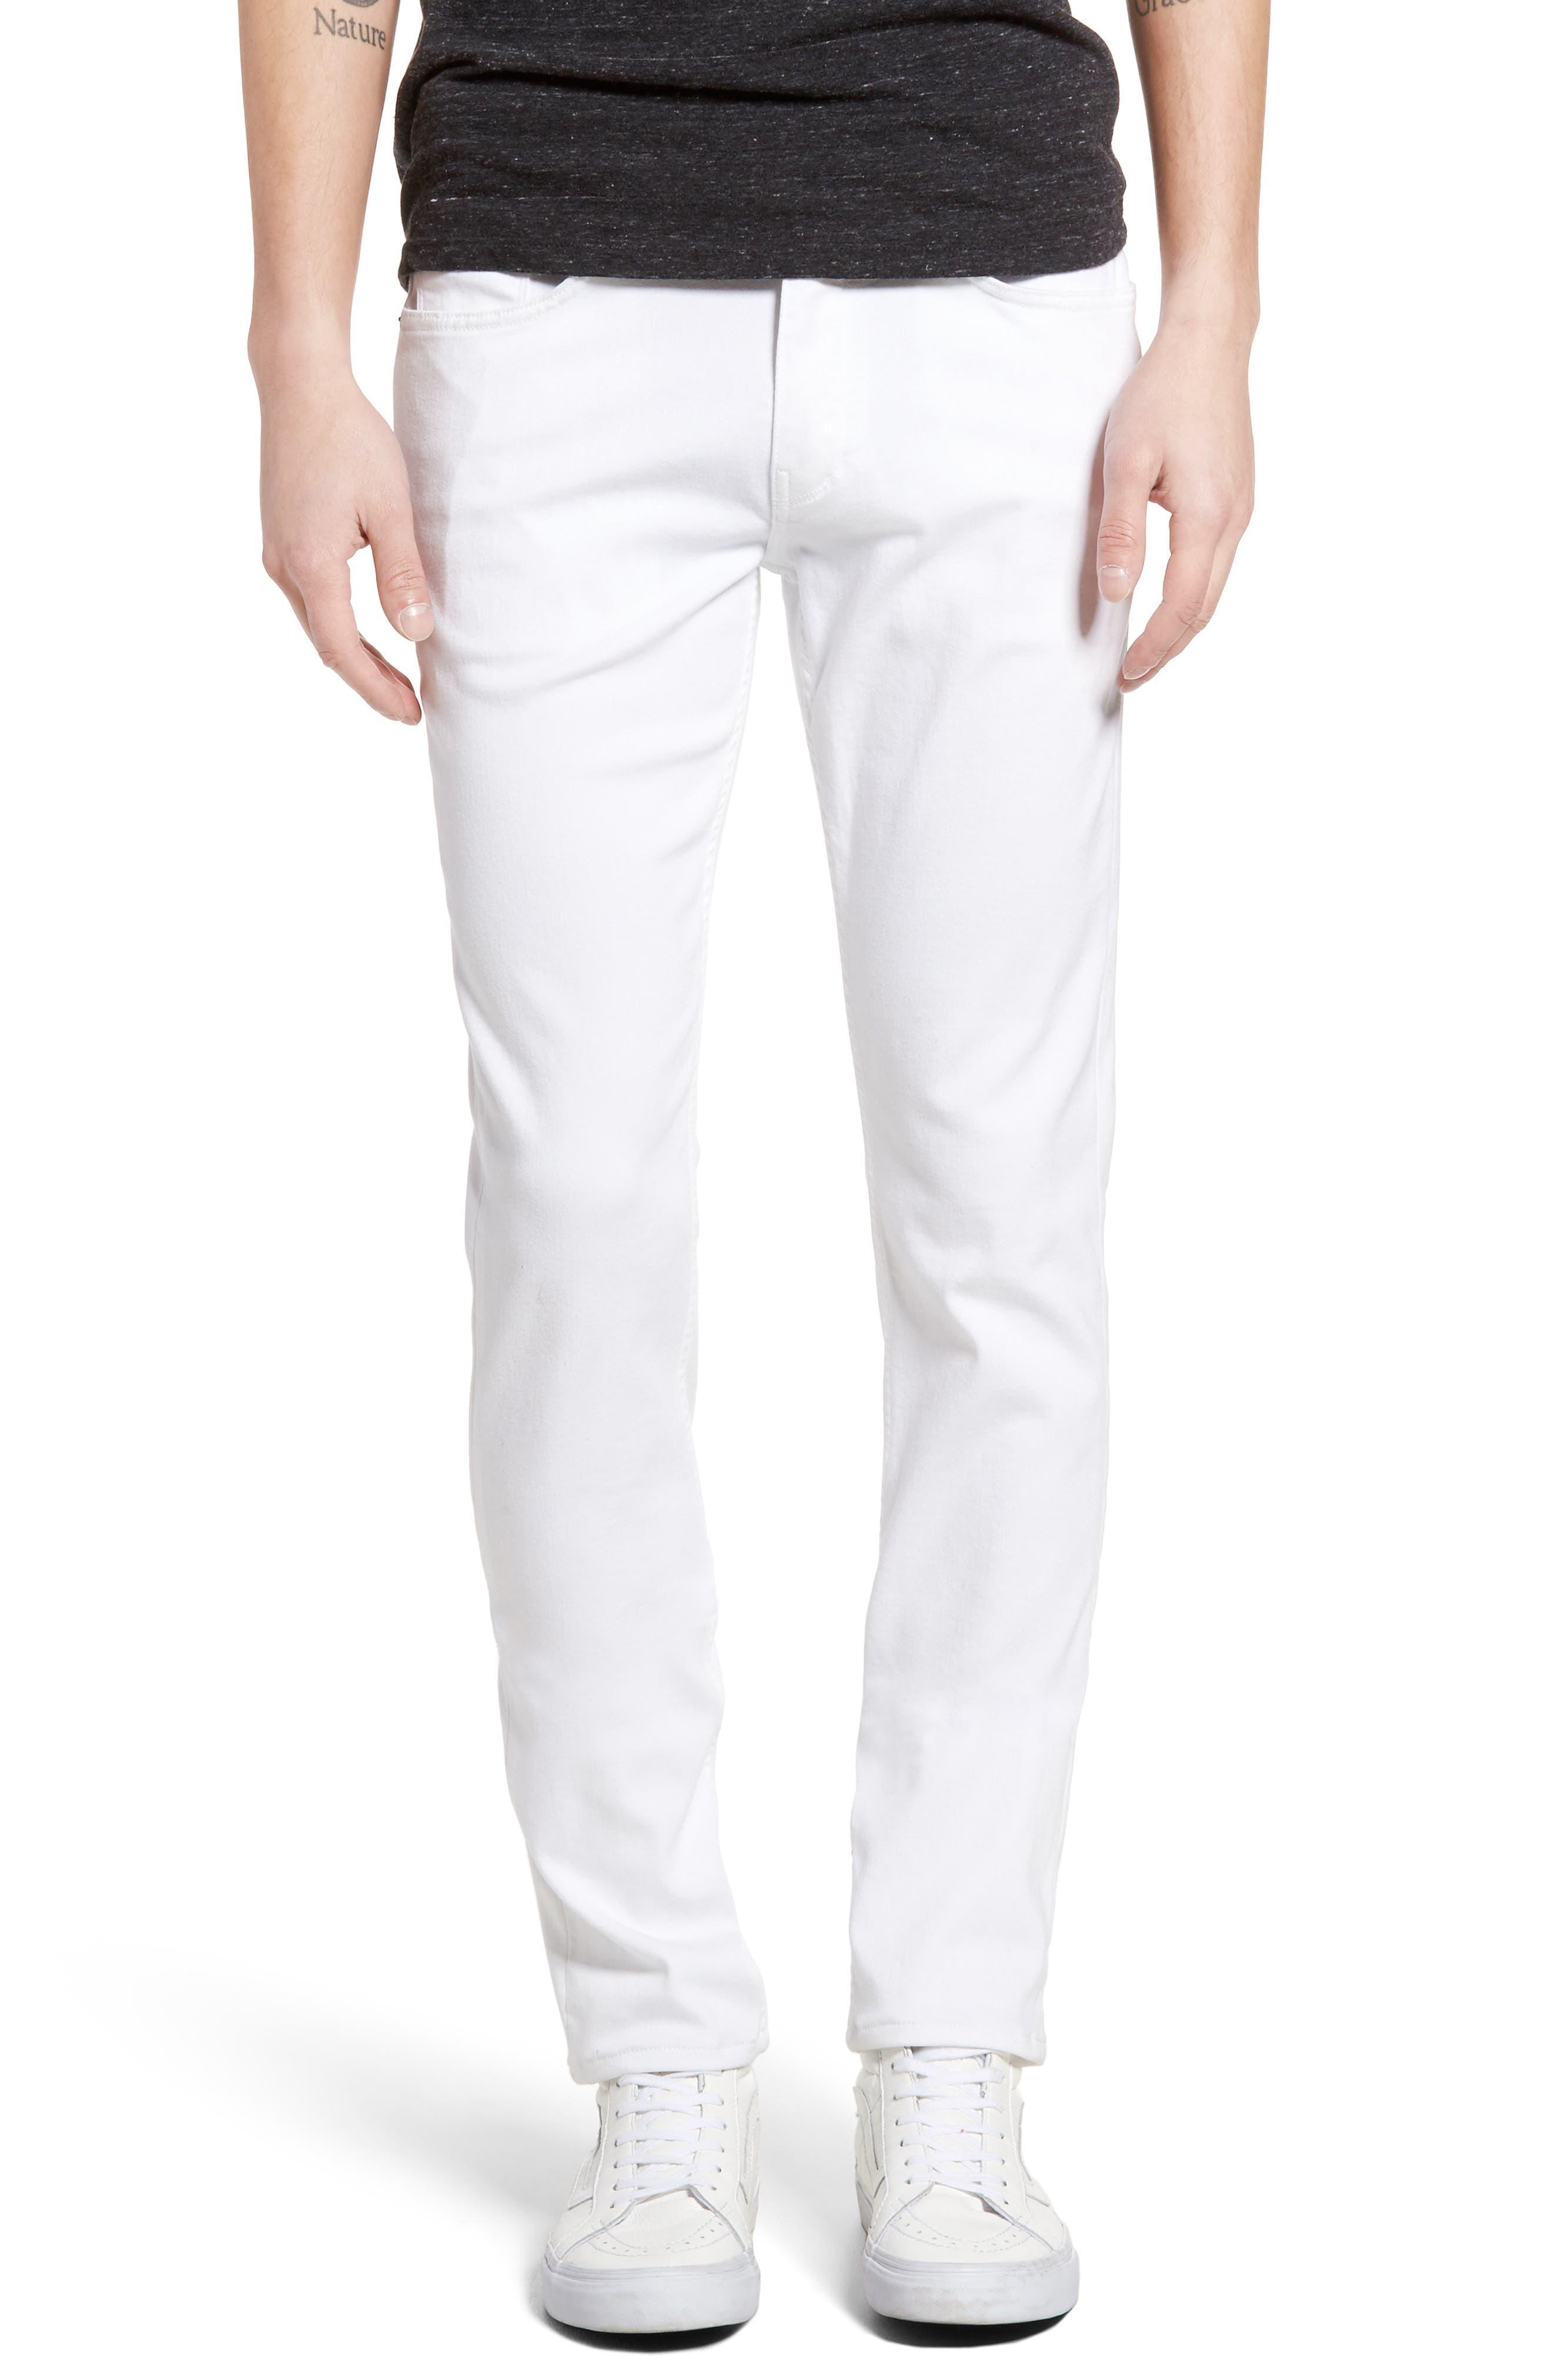 PAIGE Transcend - Lennox Slim Fit Jeans (Icecap)